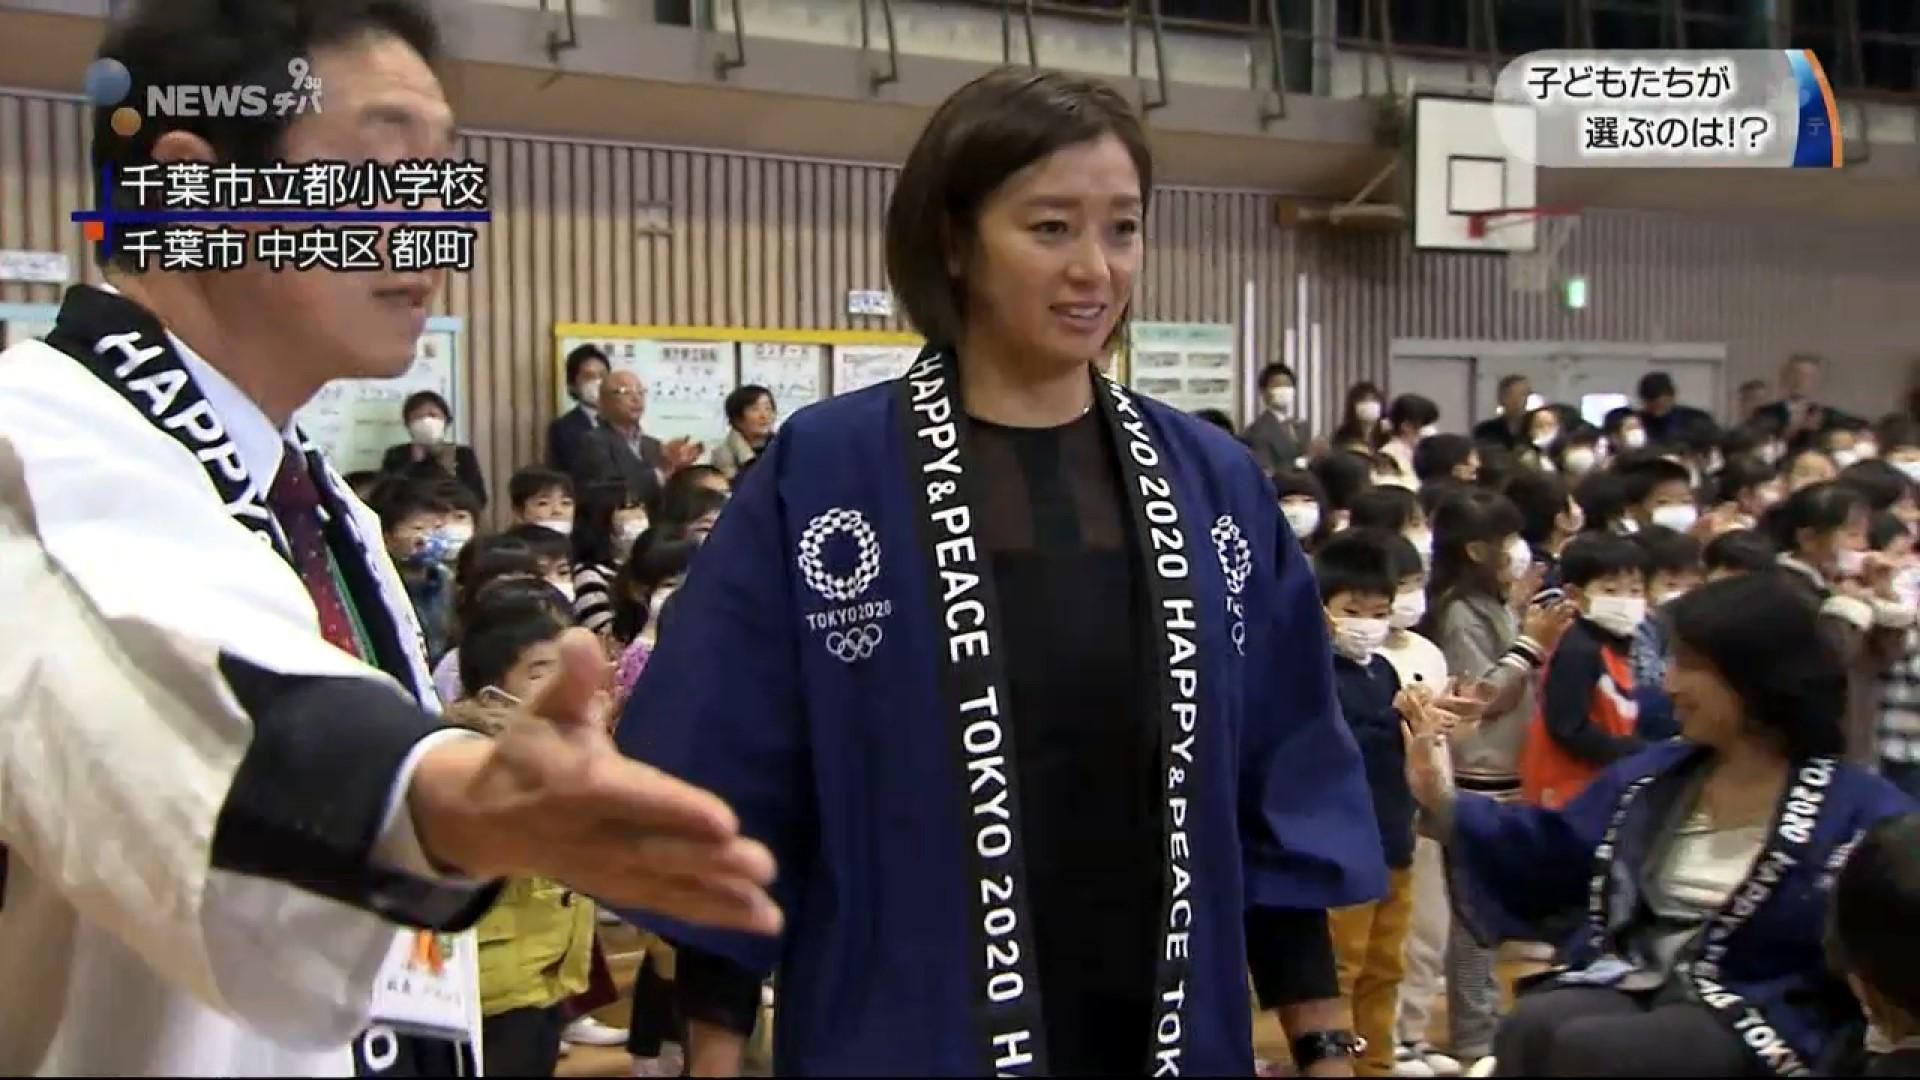 2020年東京五輪 大会マスコット投票の特別授業 /千葉市